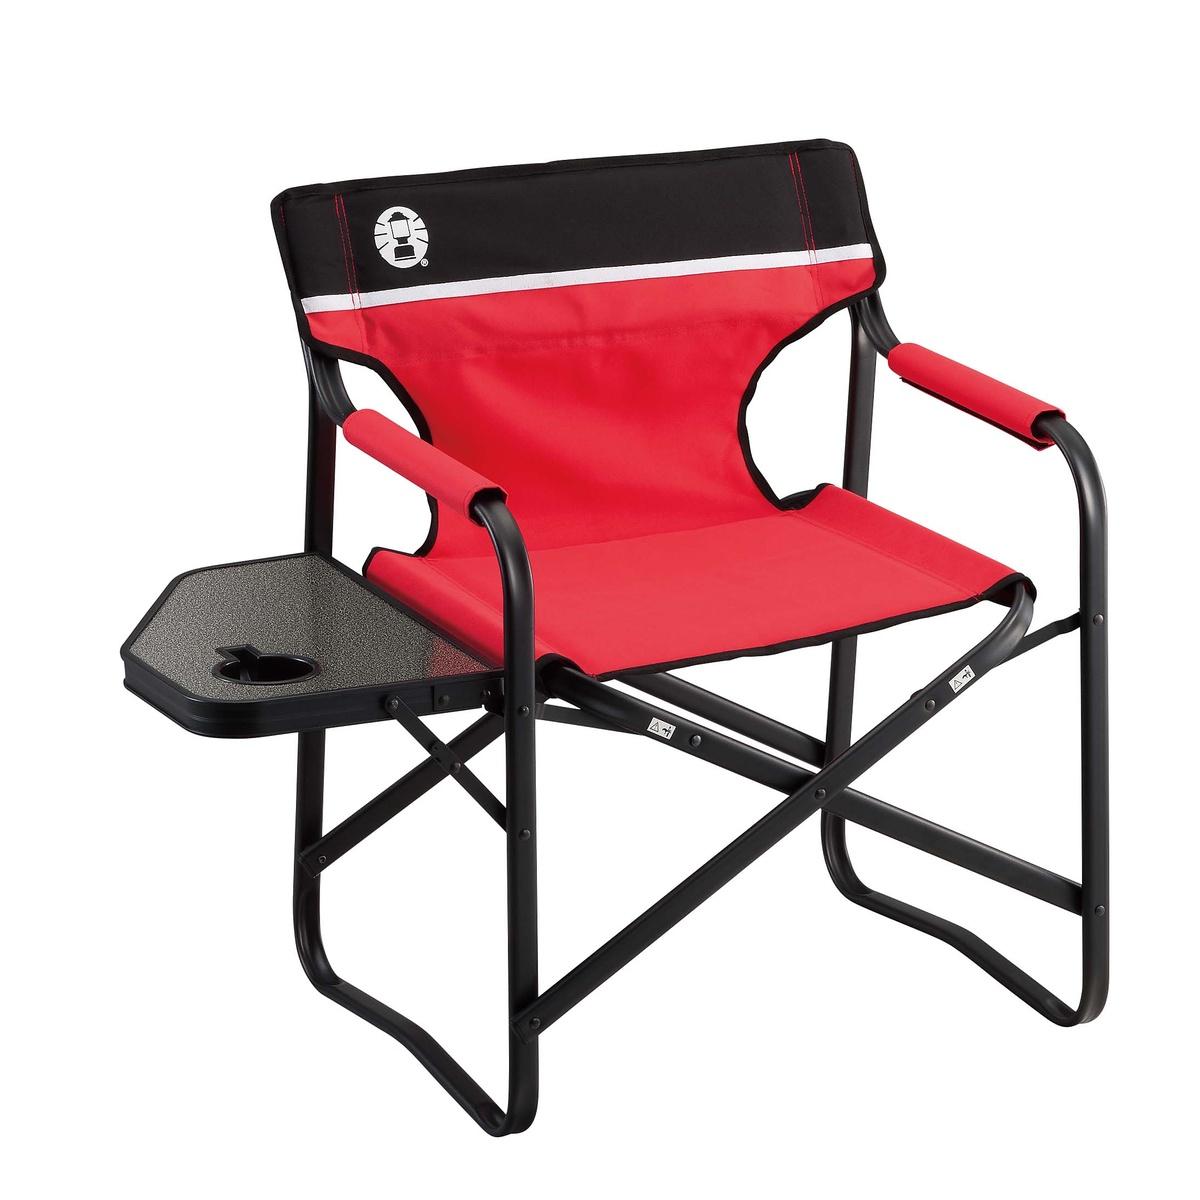 正規品スーパーSALE×店内全品キャンペーン コールマン キャンプ用品 ファミリーチェア 椅子 2000017005 レッド サイドテーブル付デッキチェアST 贈呈 COLEMAN